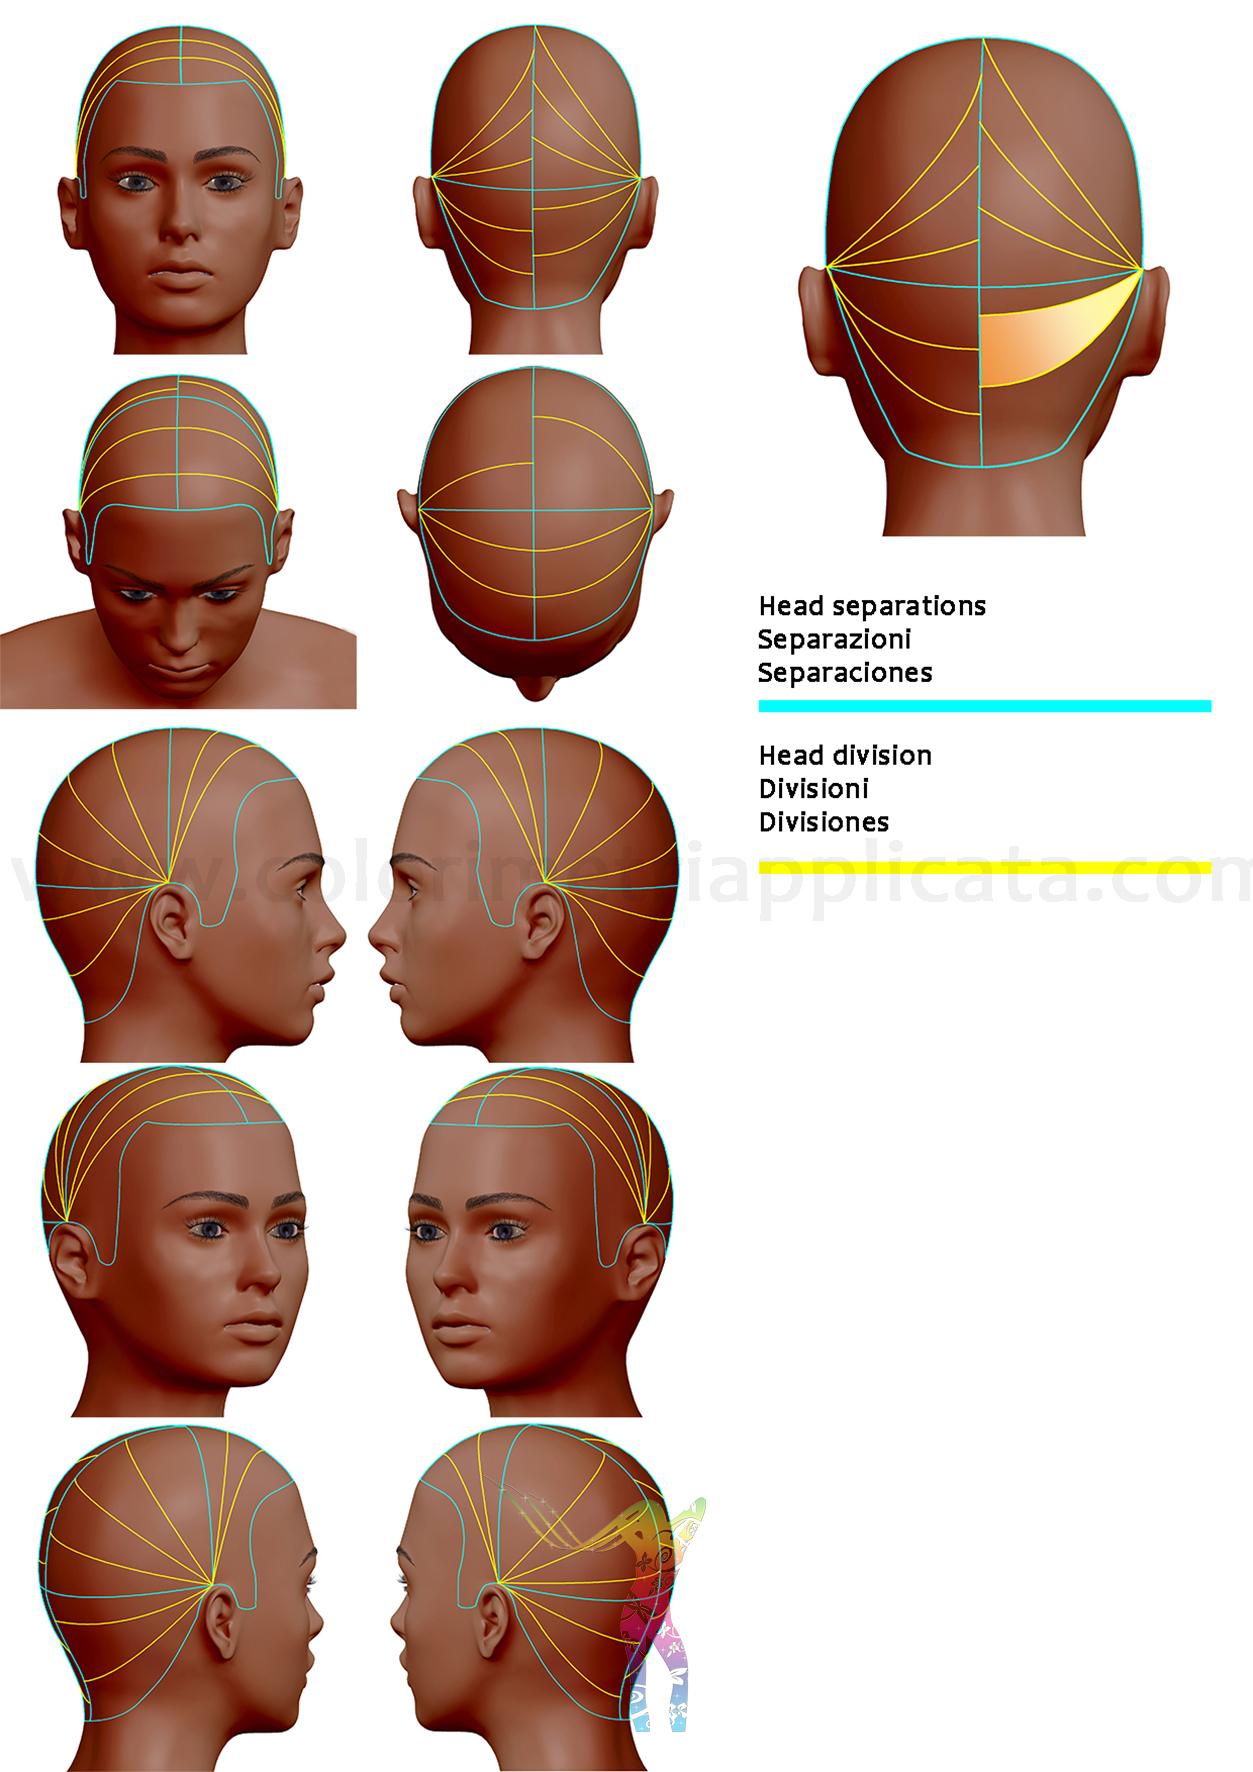 Corso di Colorimetria/System Balajage di Claudio Terribile Haircolorist nella prestigiosa Accademia di Filippo Sepe